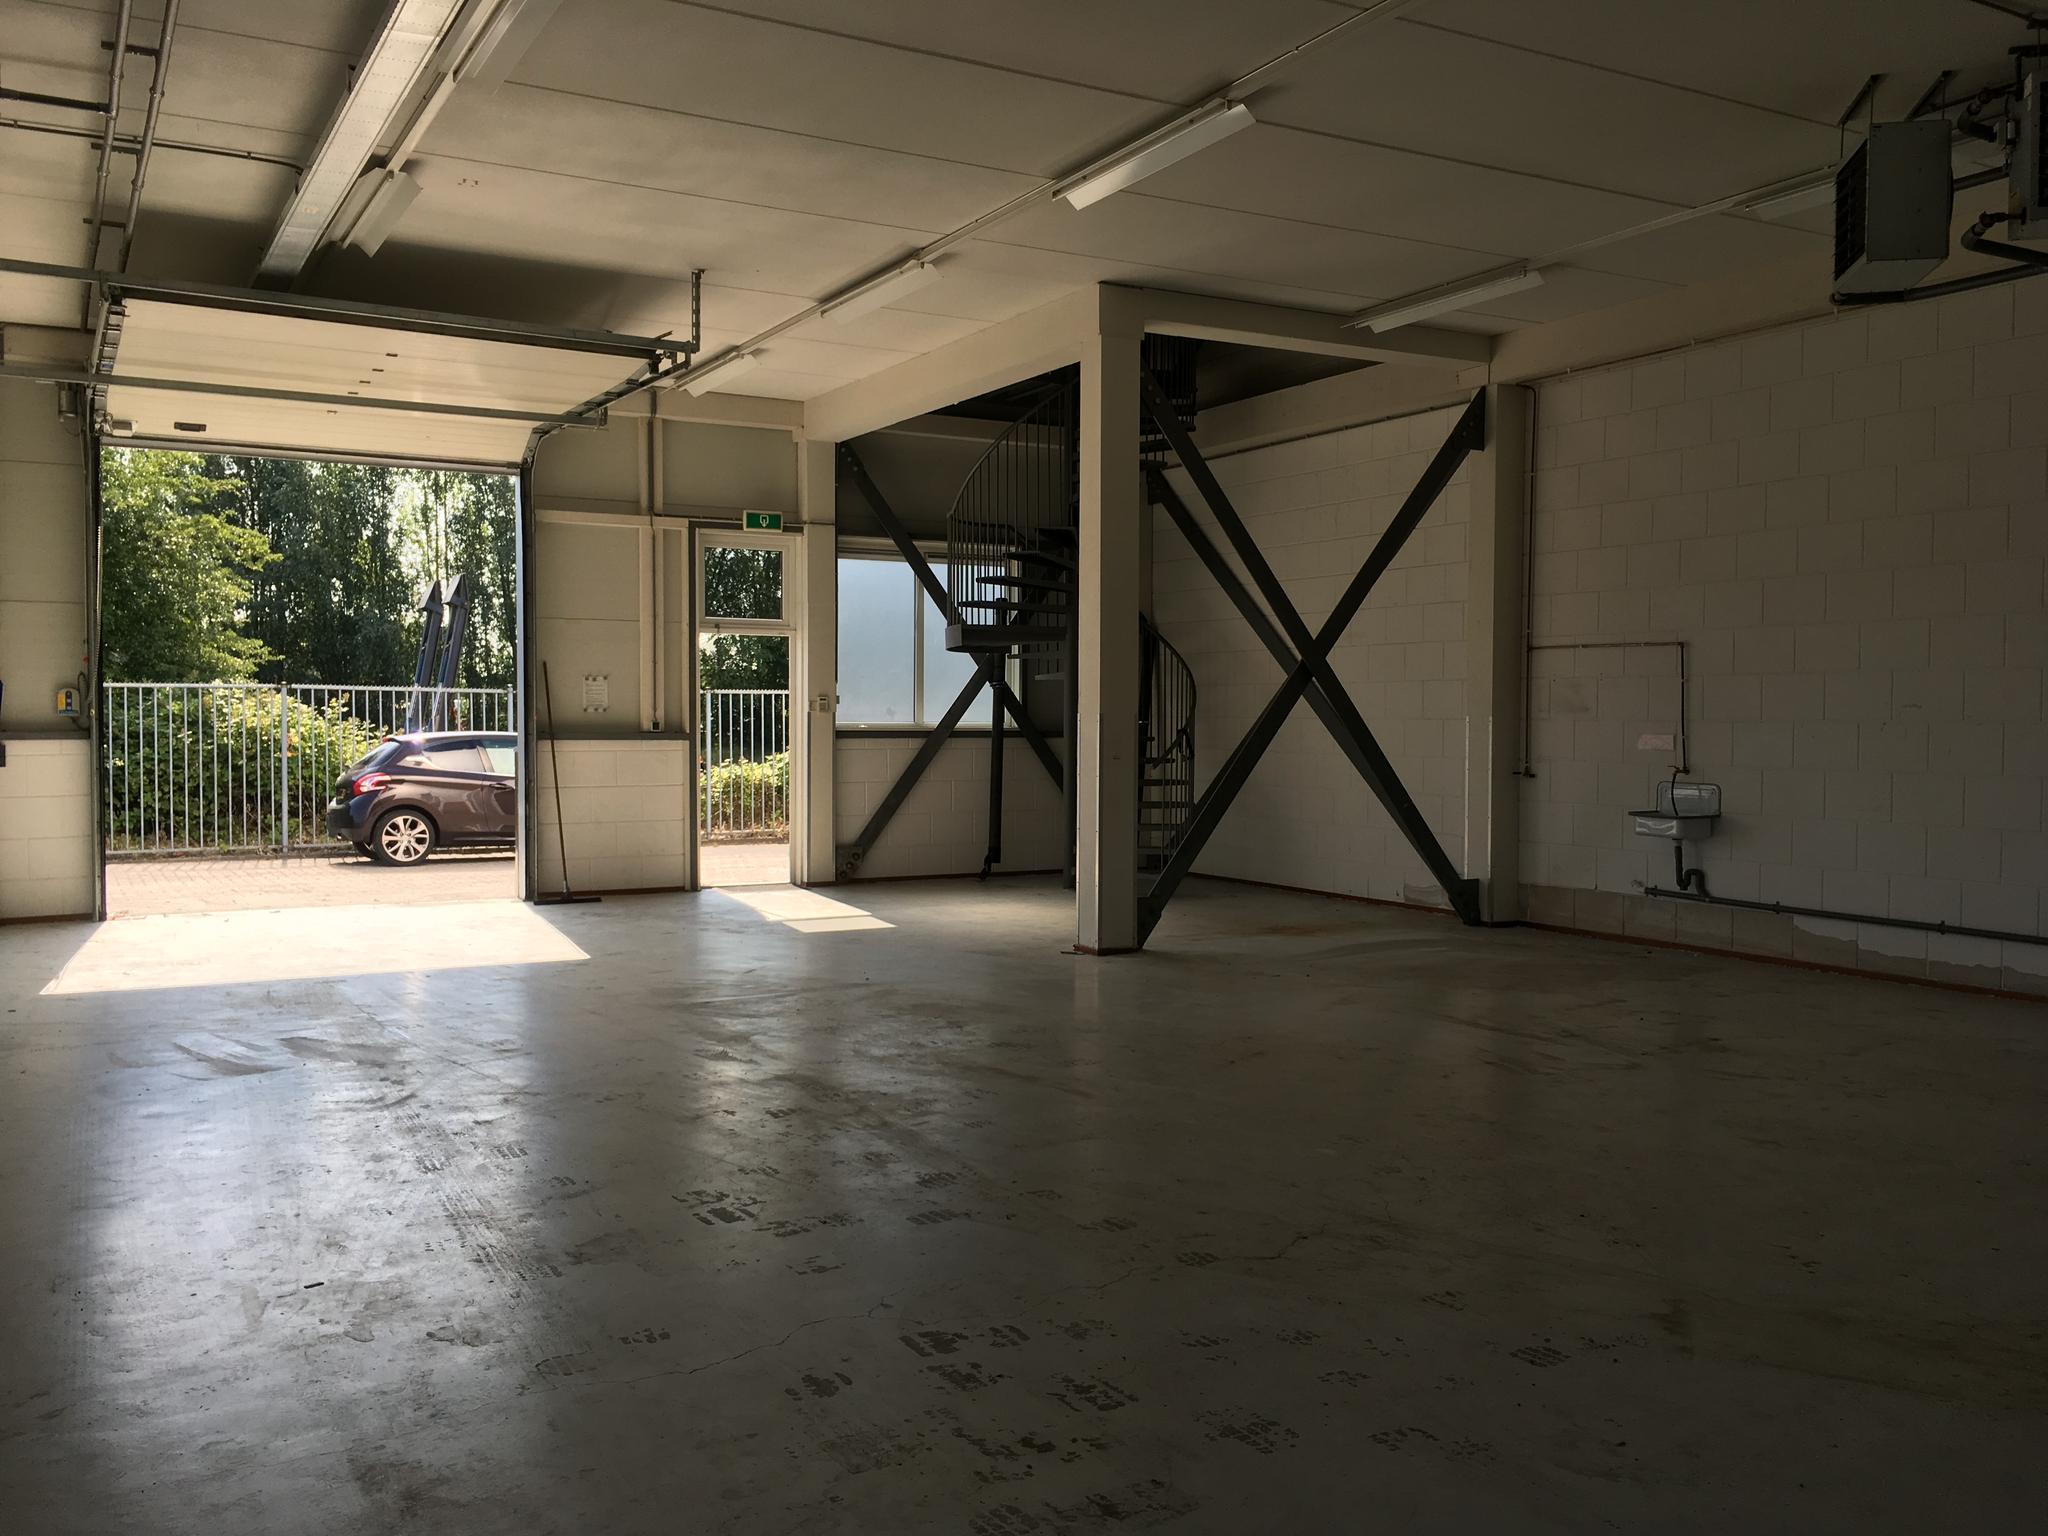 Strijkviertel 26 achter in de meern 3454 pm bedrijfsruimte waltmann bedrijfshuisvesting - Kantoor met geintegreerde opslagruimte ...